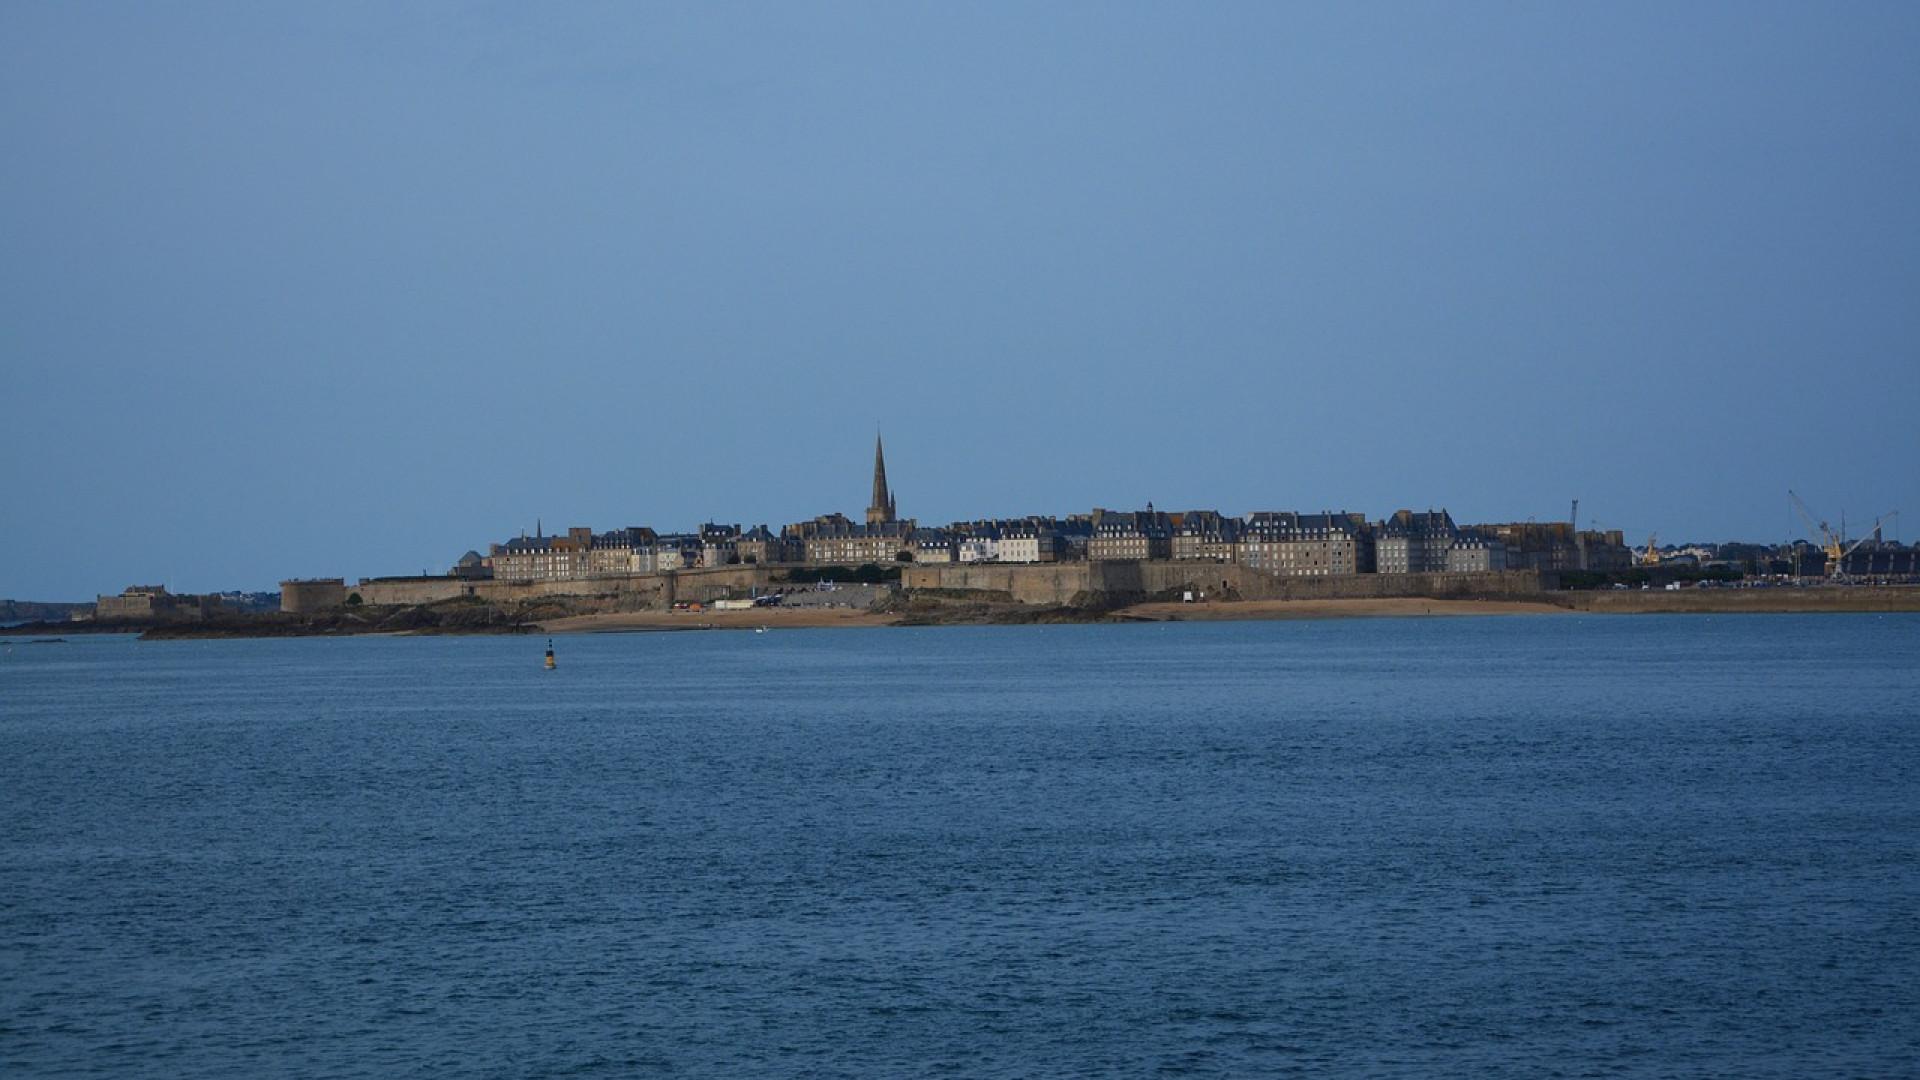 Saint-Malo, la destination incontournable pour des vacances agréables